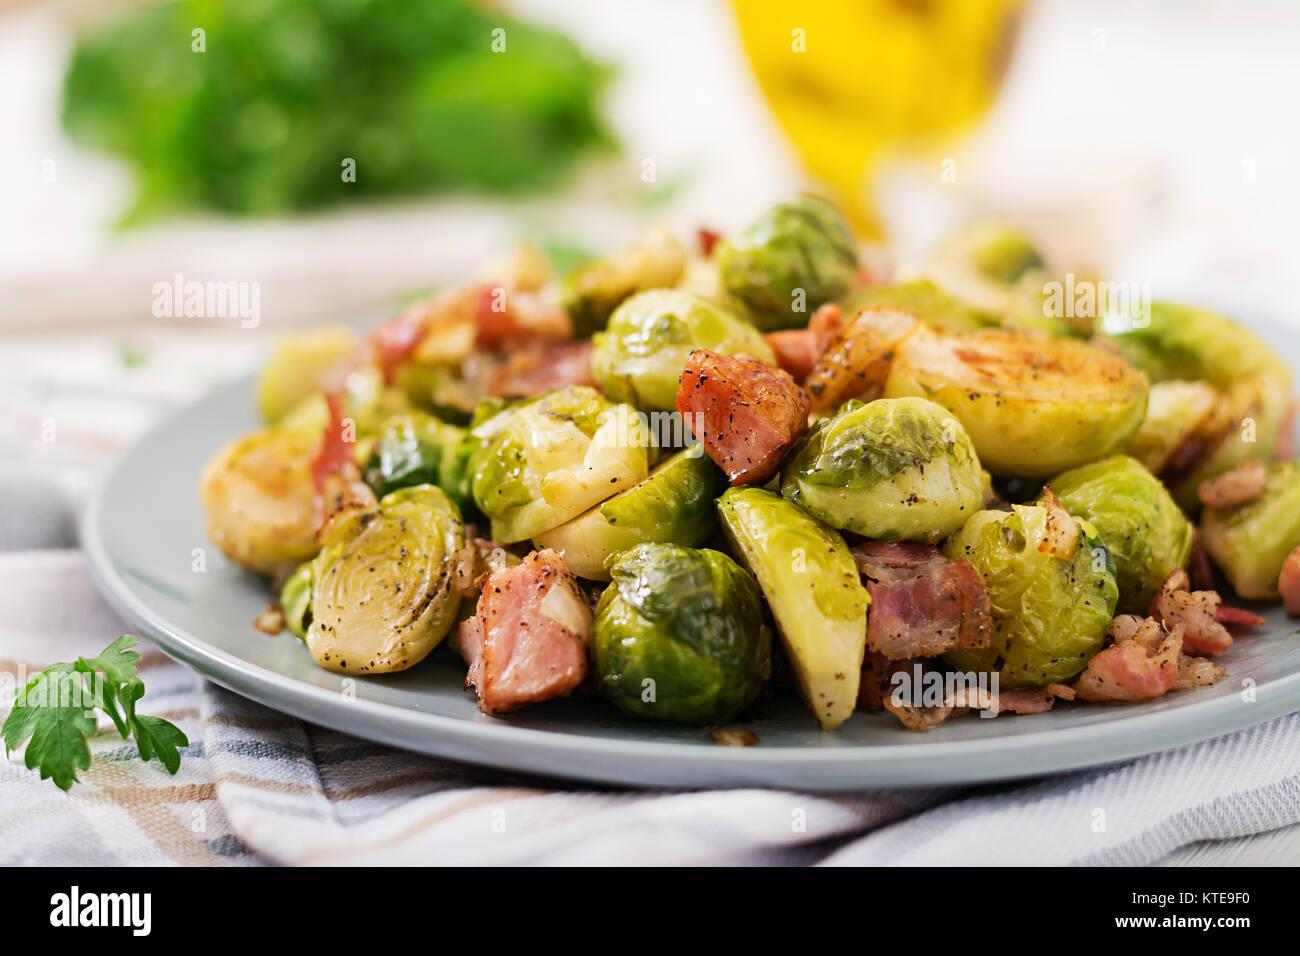 Las coles de Bruselas. Asados de coles de bruselas con bacon. Un delicioso almuerzo. Foto de stock